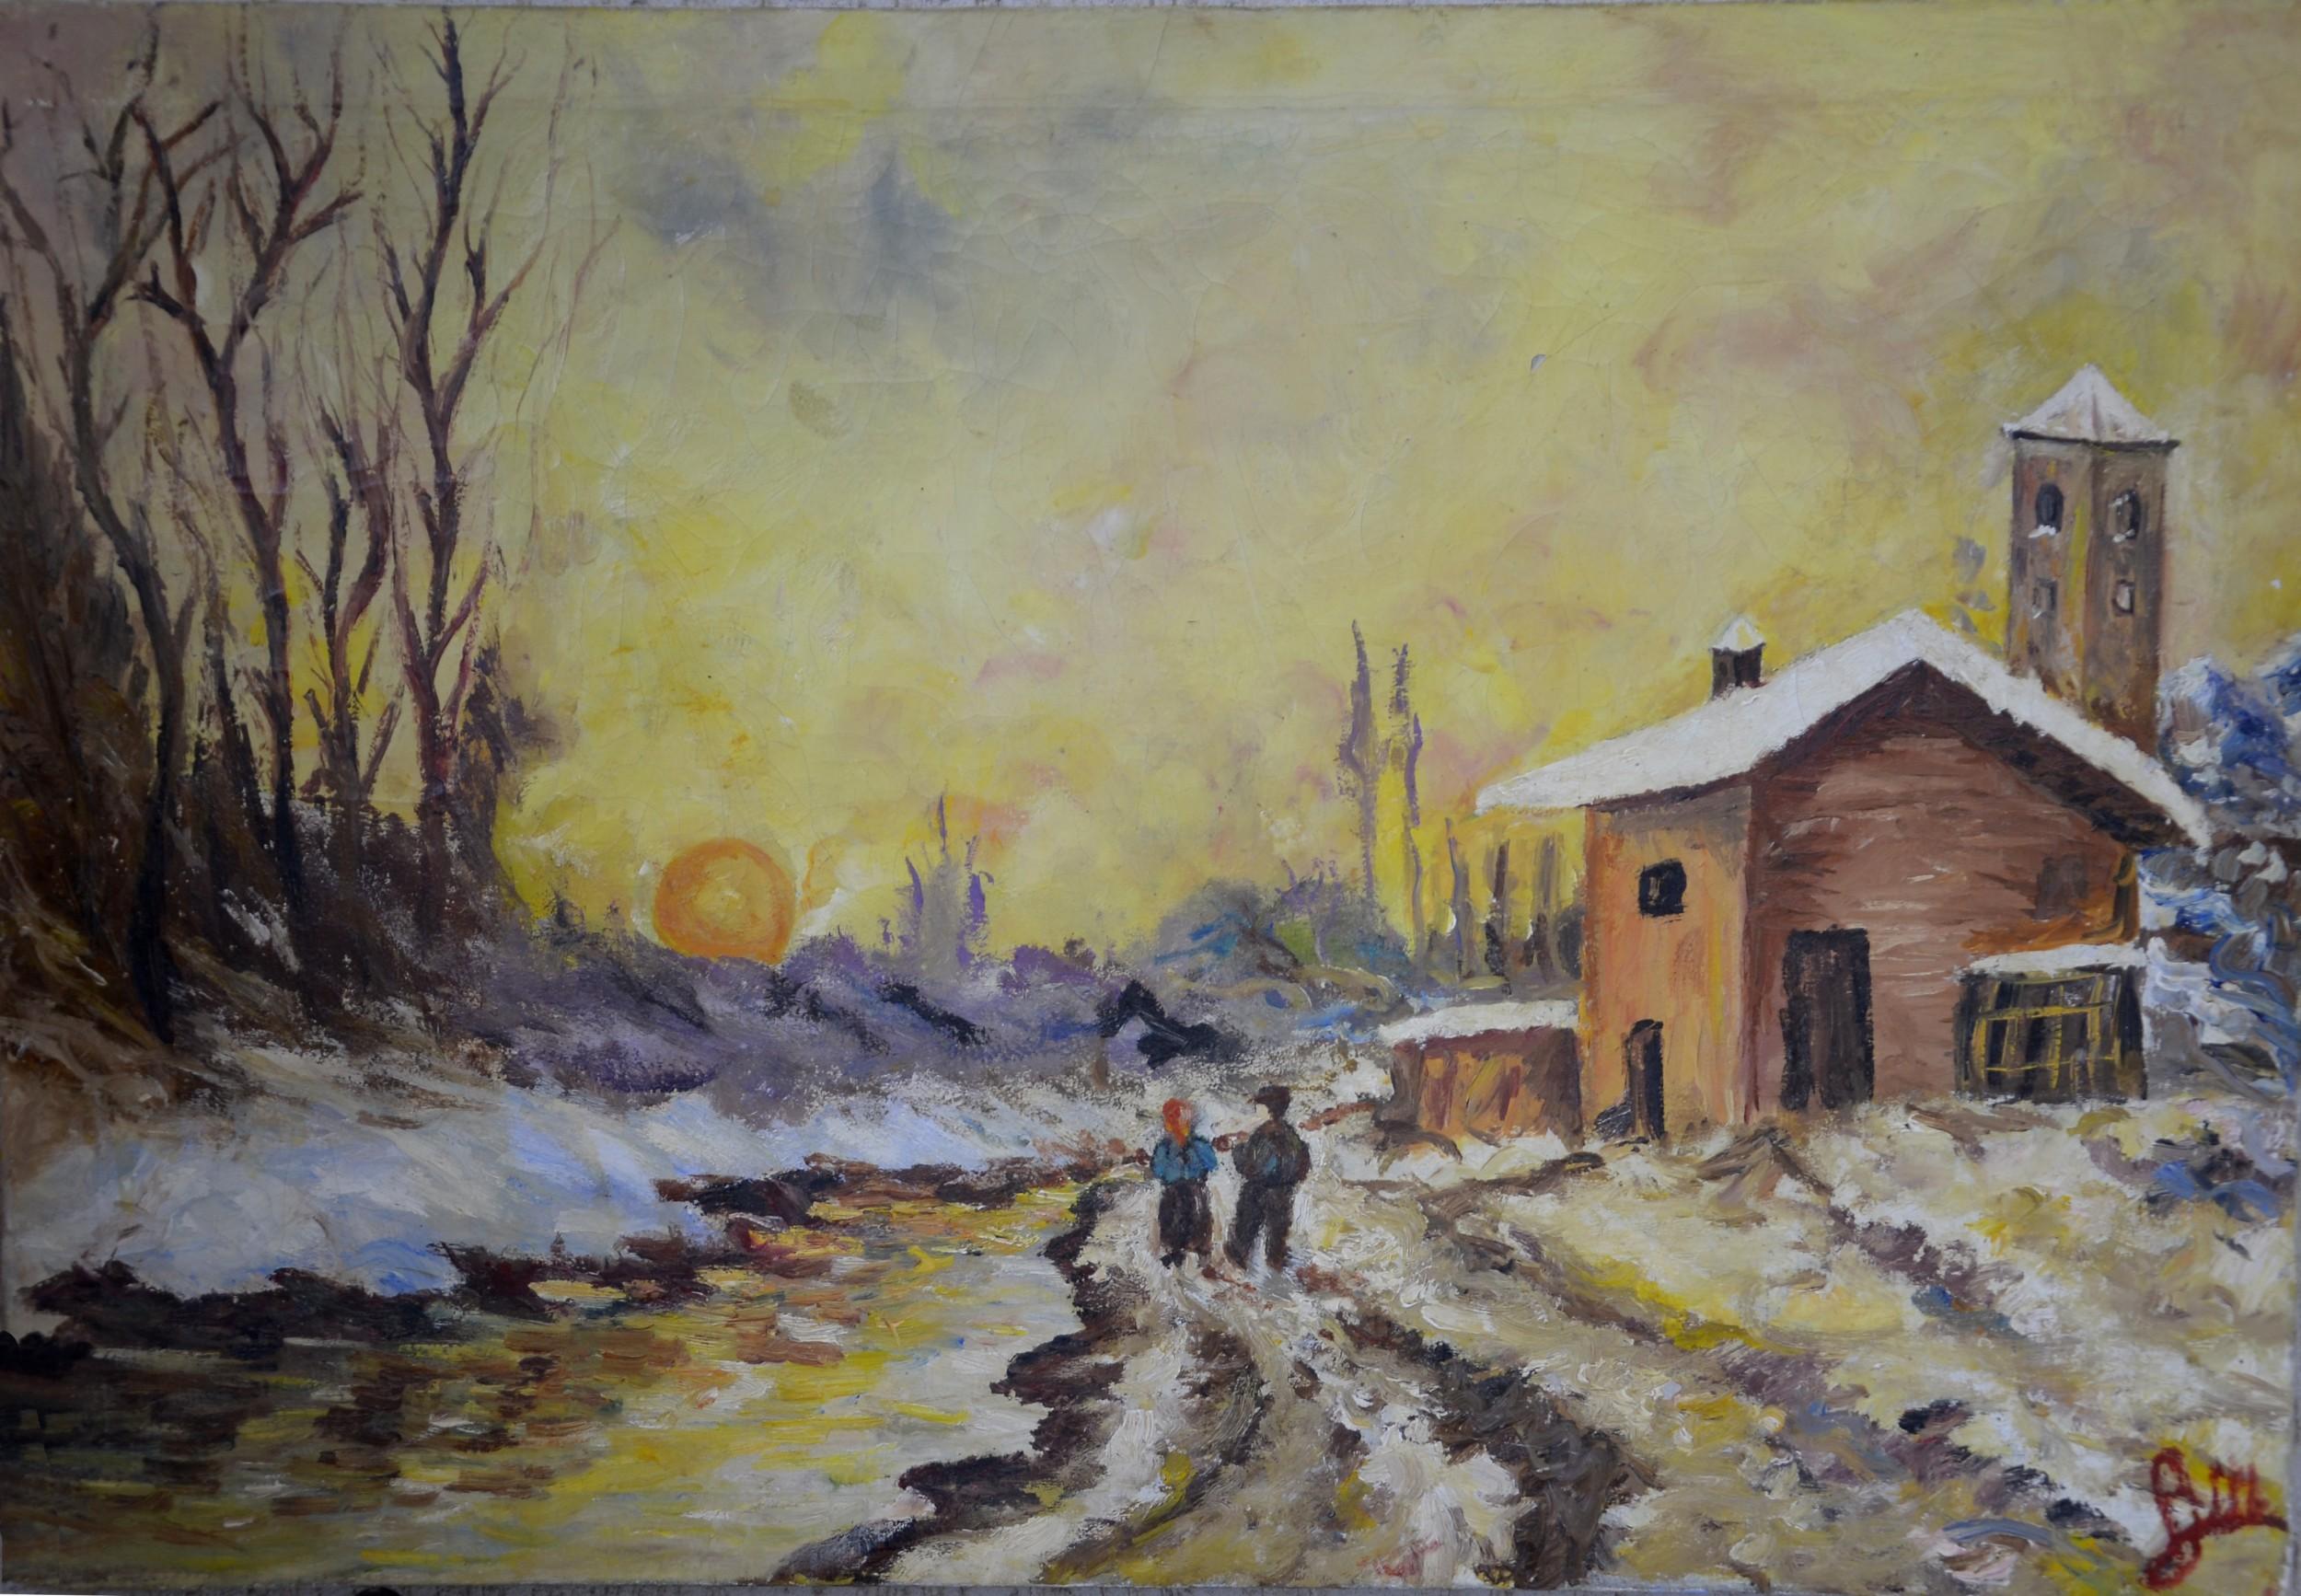 Paesaggio invernale anna maria peluso opera celeste for Disegni paesaggio invernale